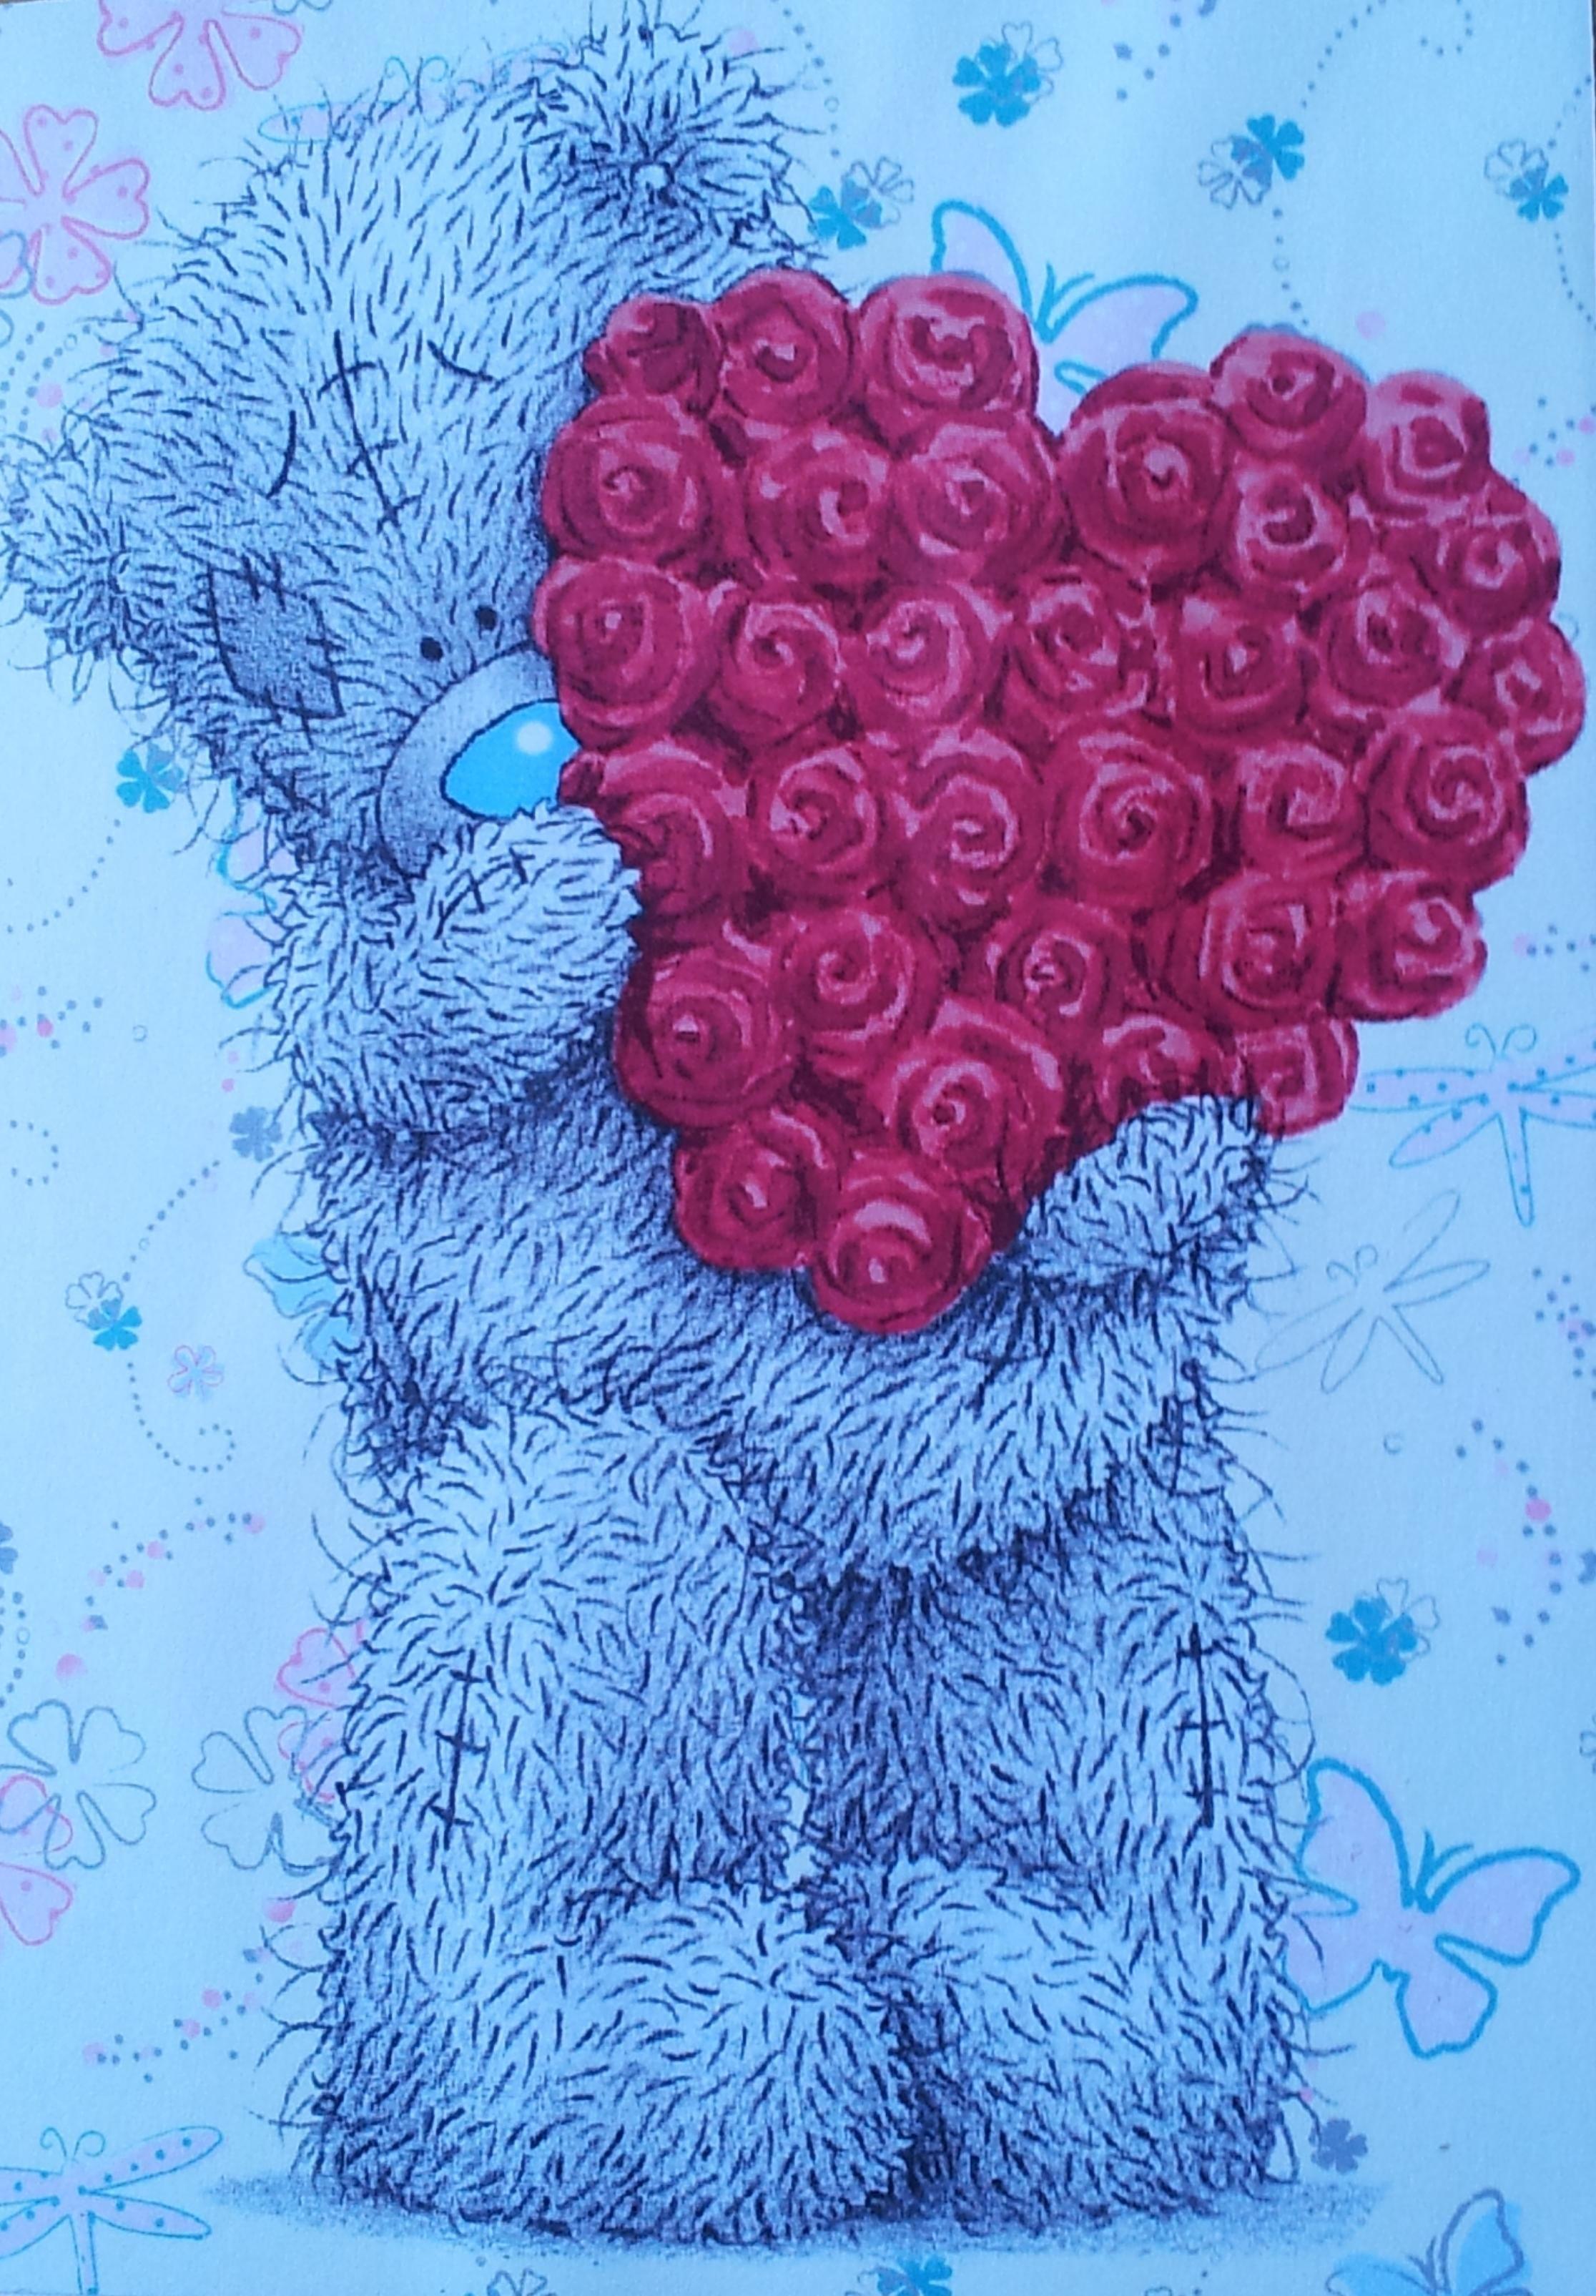 ttx heart of flowers